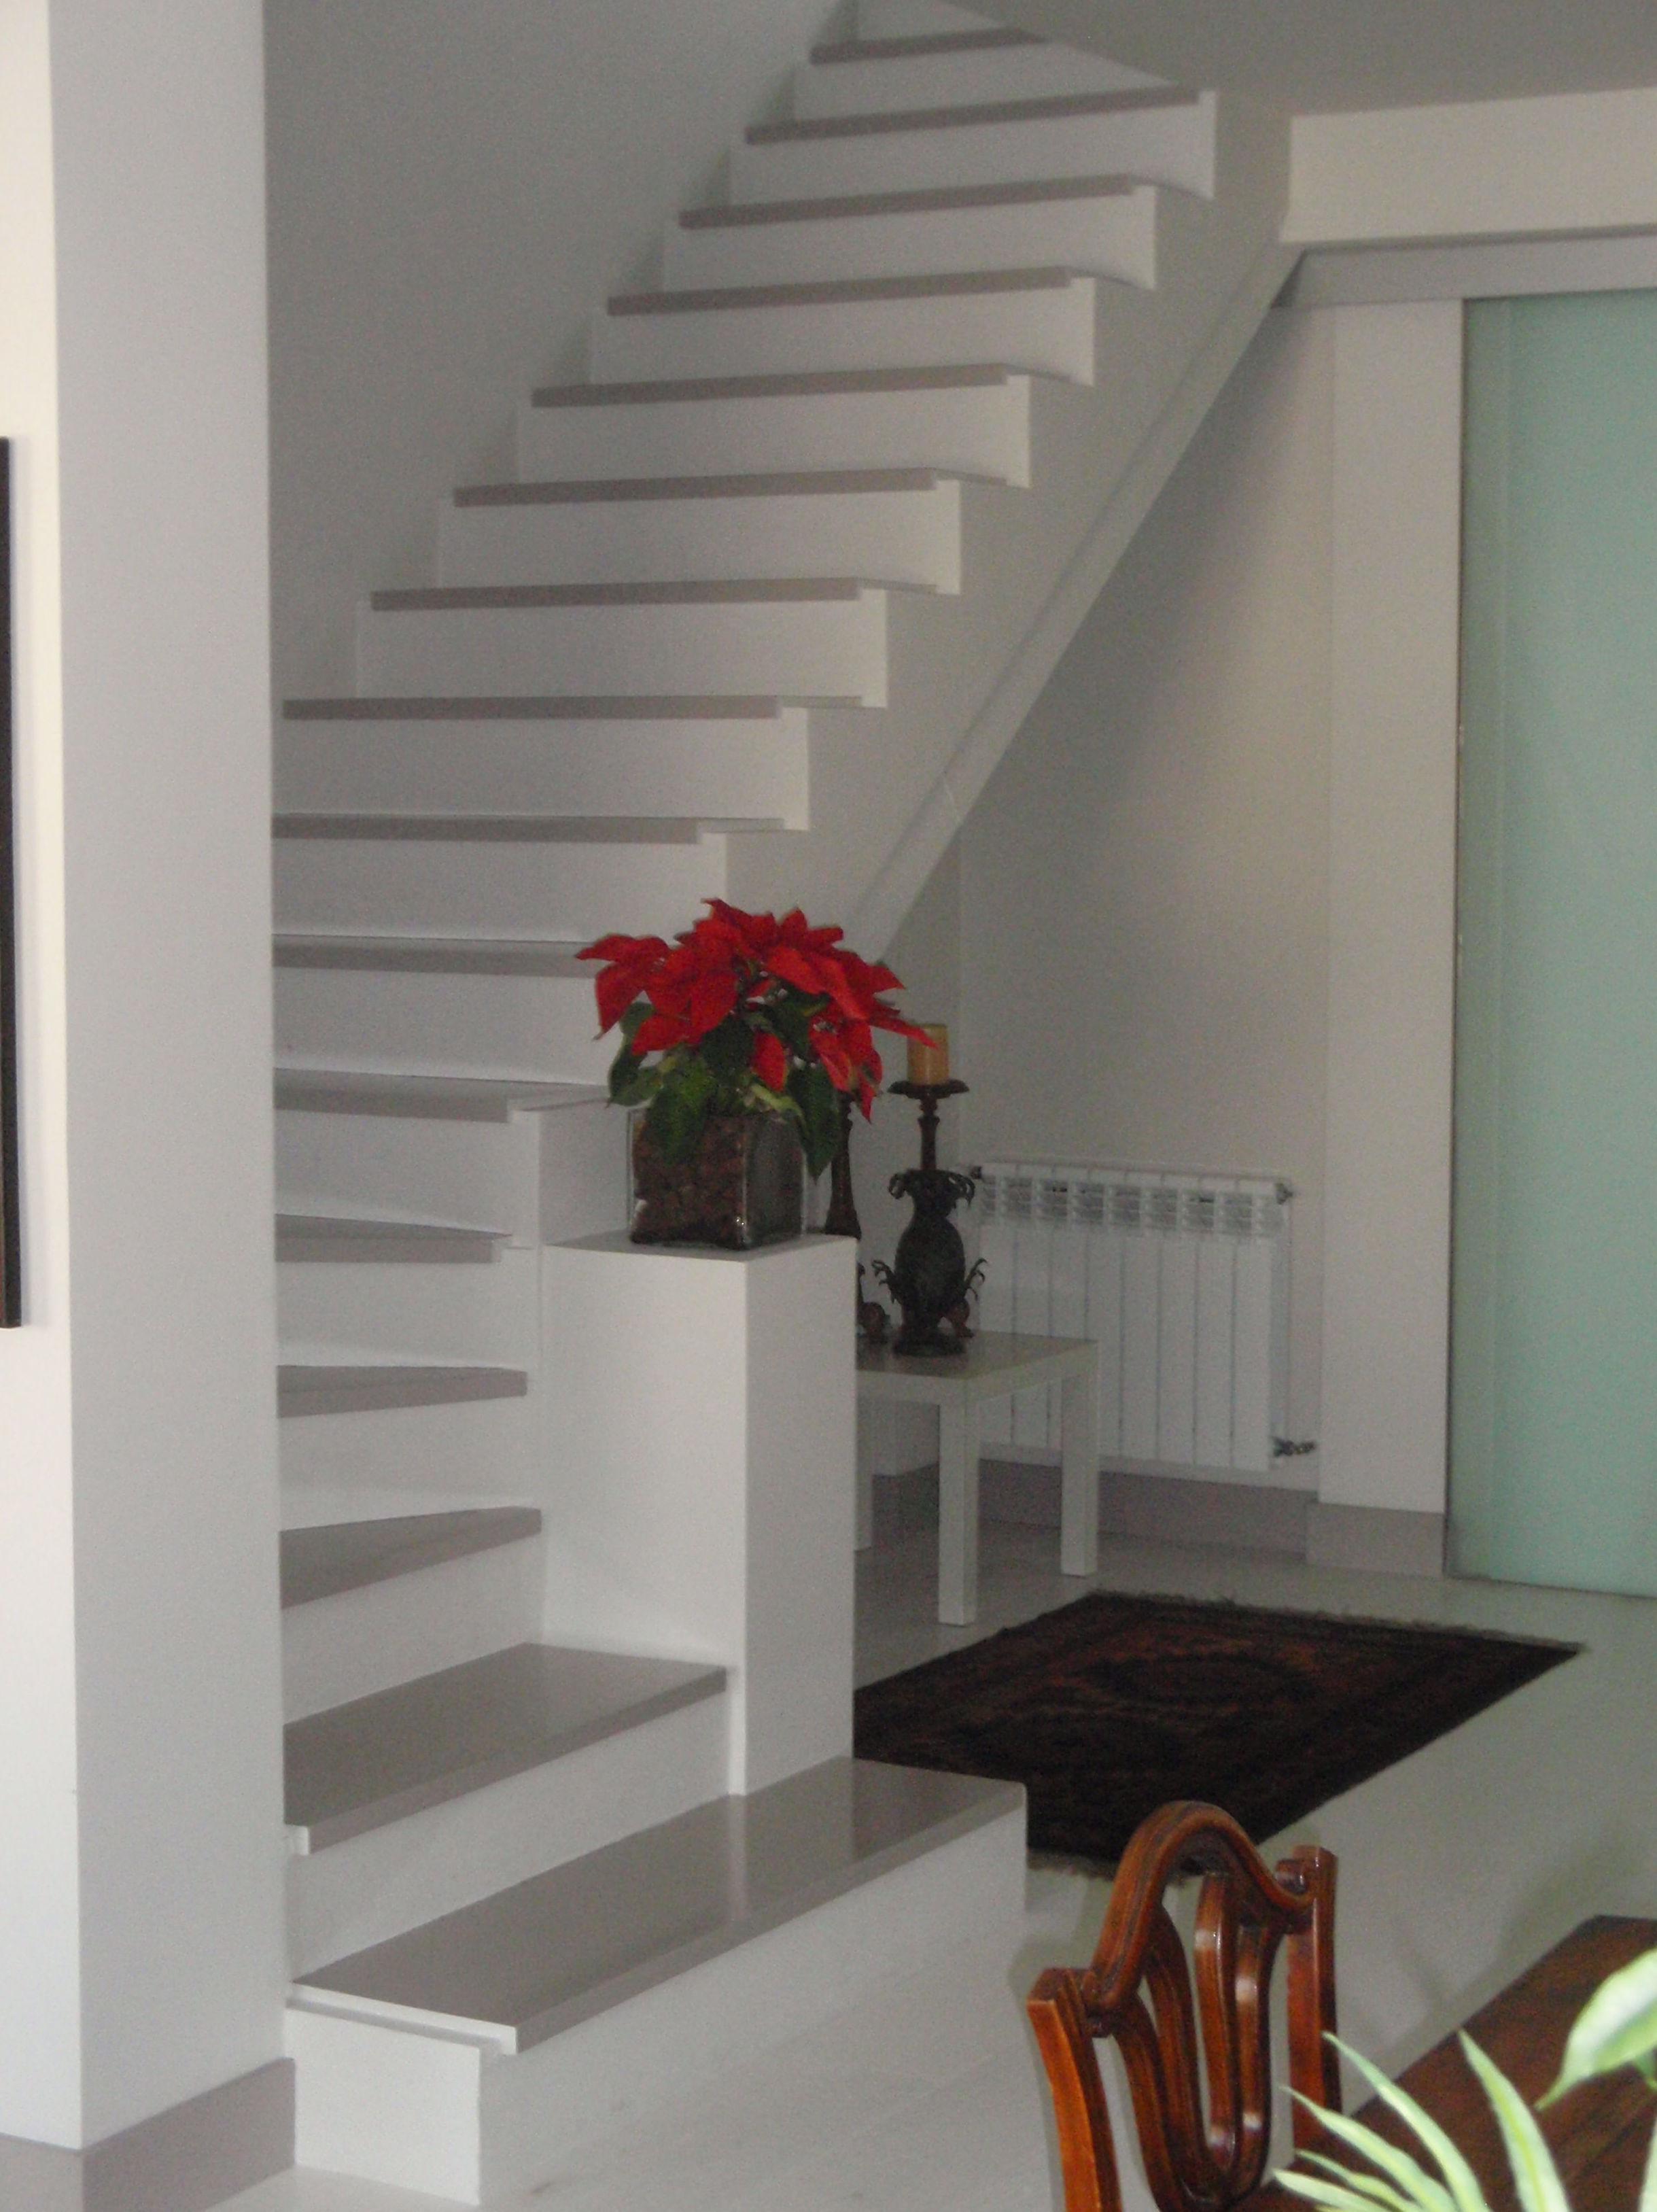 Escalera de acceso a piso superior